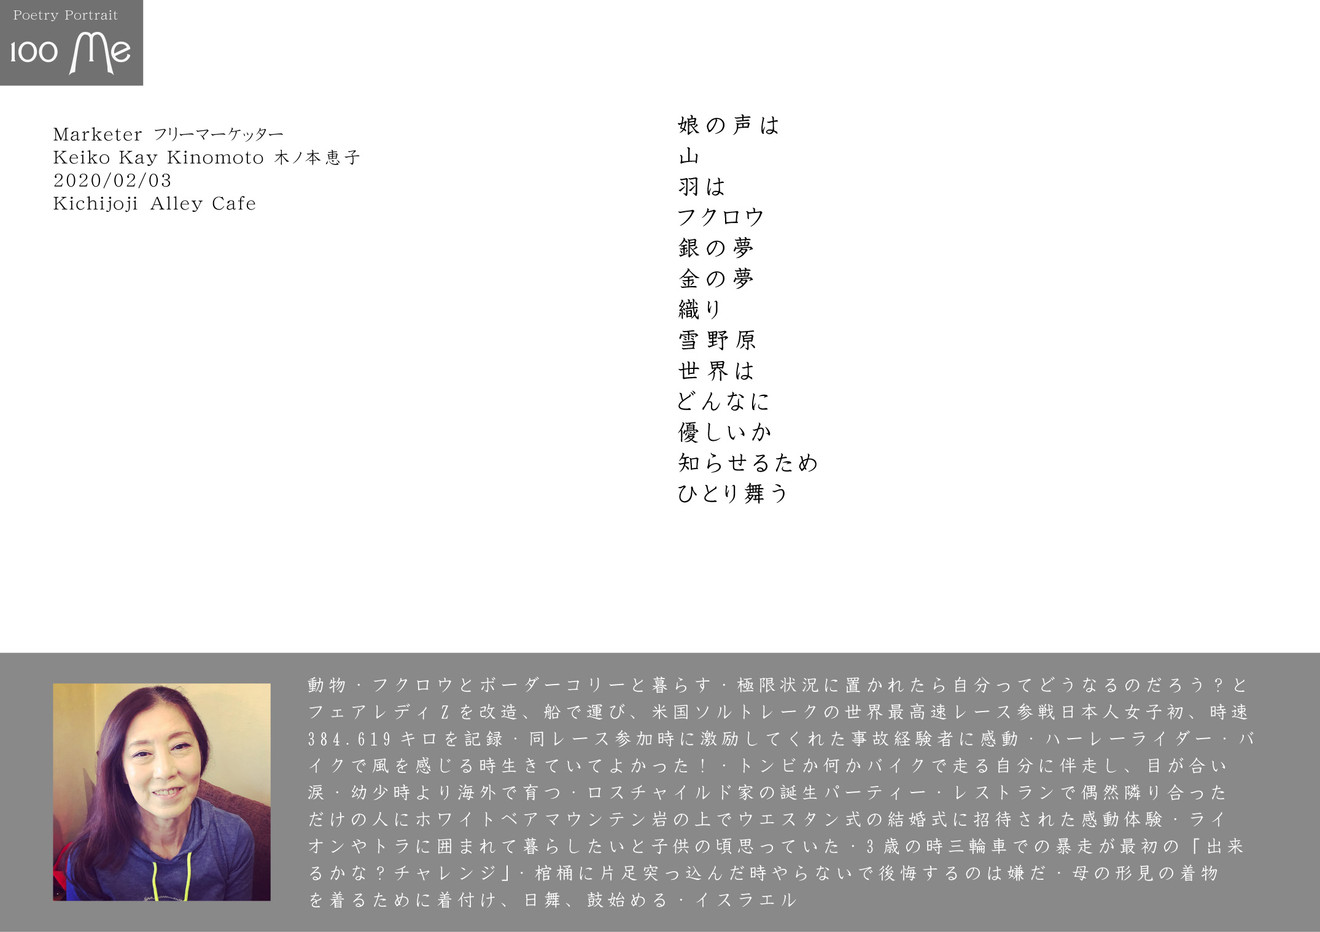 40-Keiko Kay Kinomoto.jpg